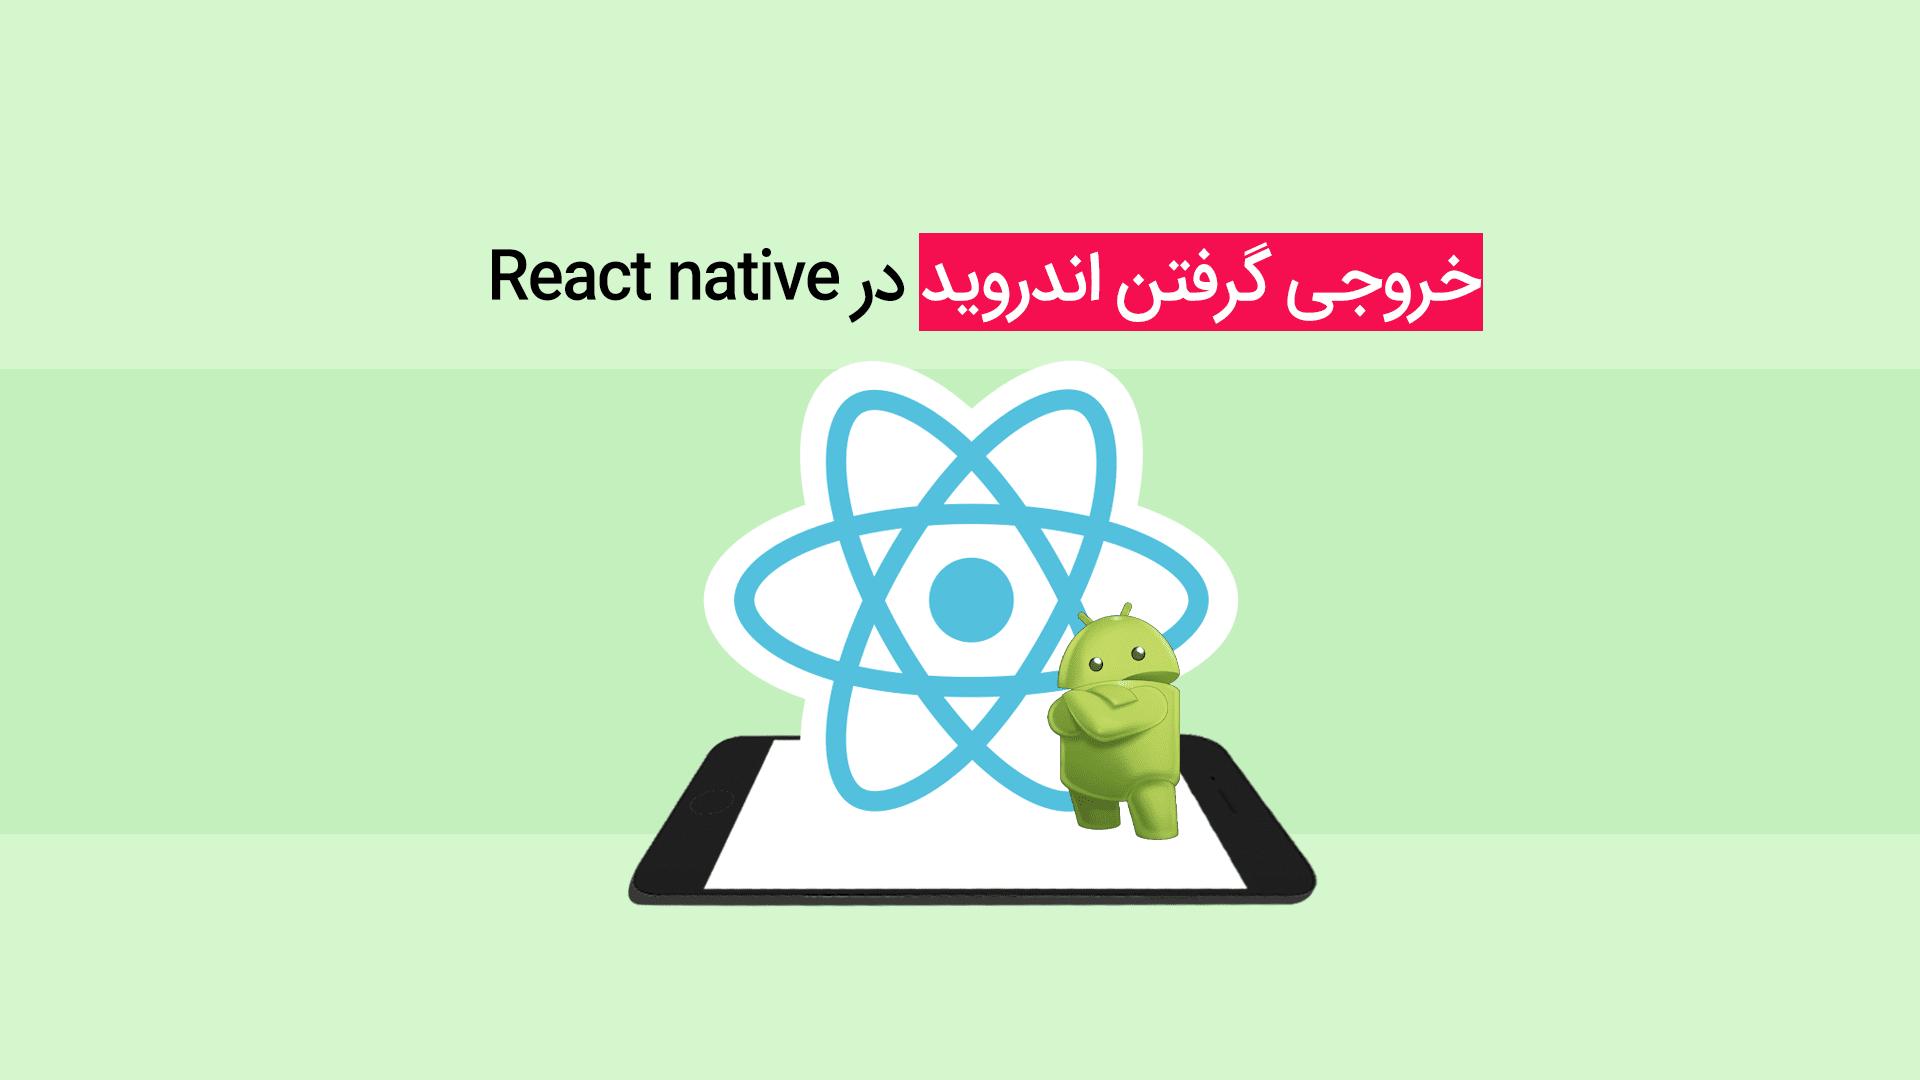 خروجی گرفتن اندروید در react native